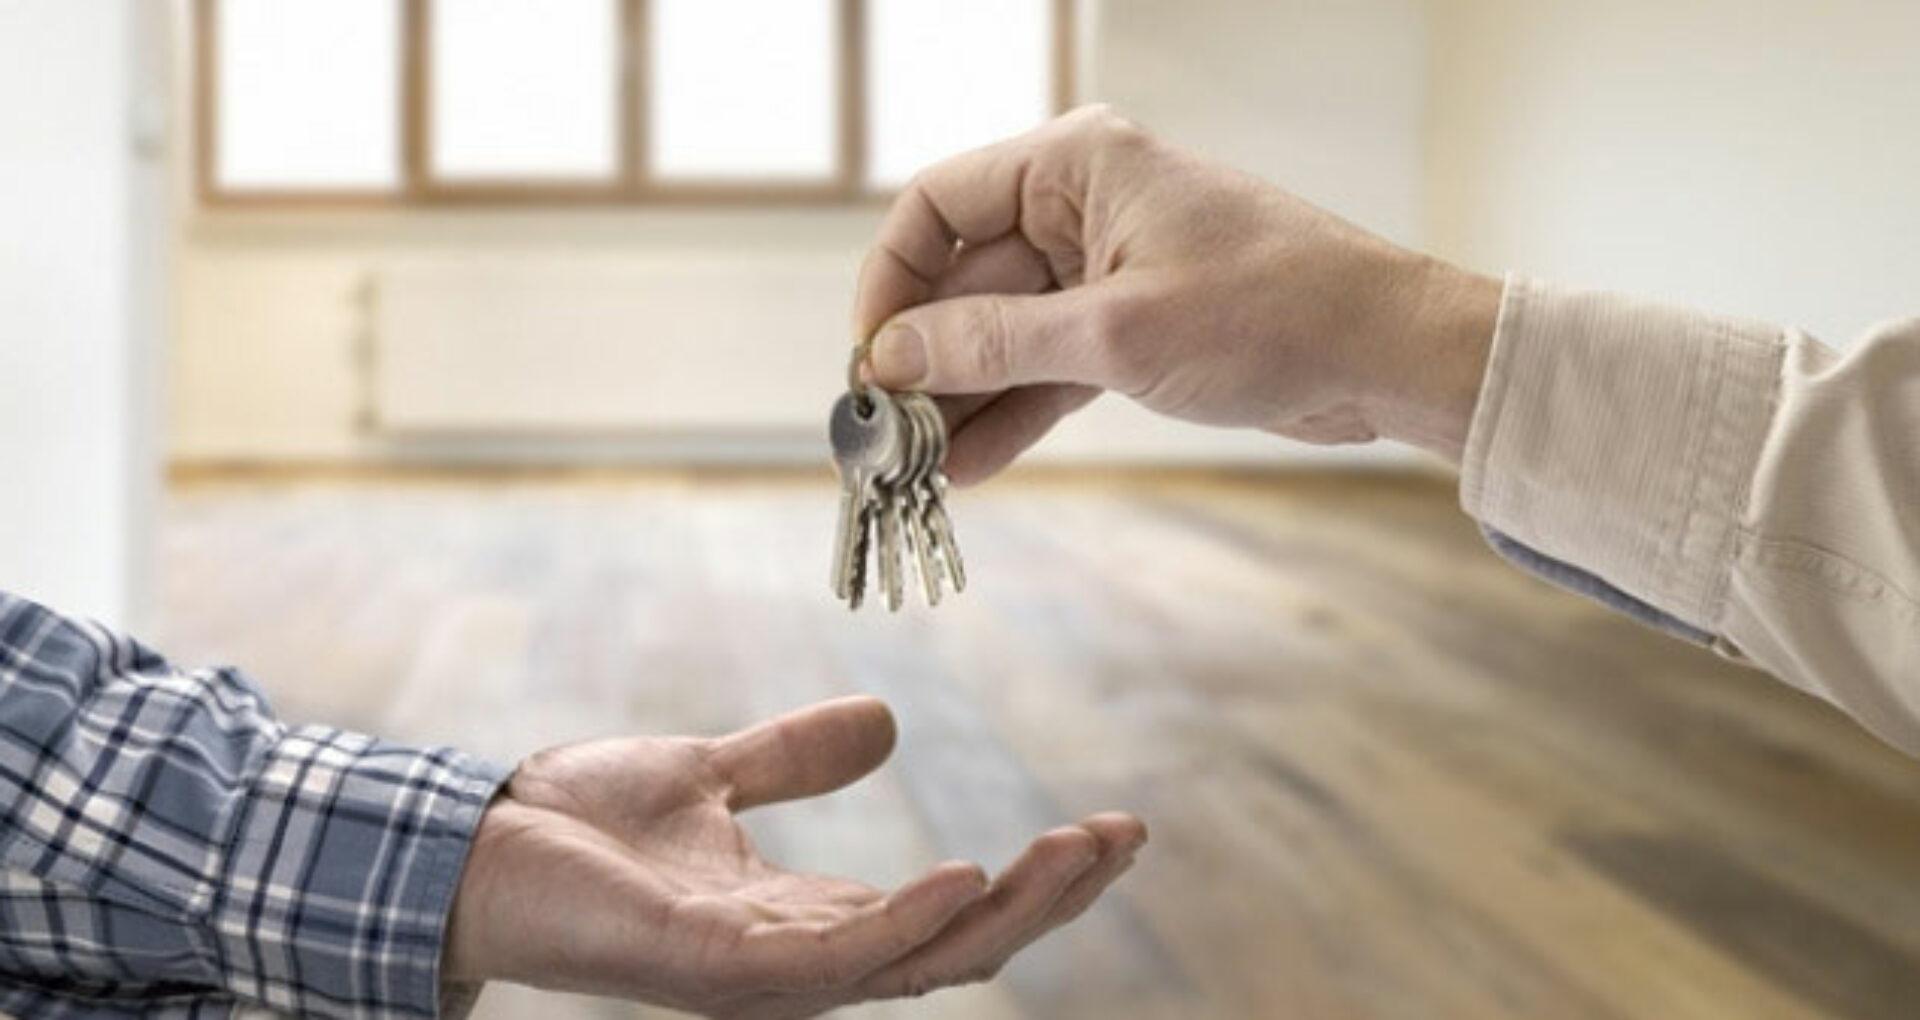 CHIRIE: În ultimele opt luni, peste 11 mii de cetățeni care dau în chirie bunuri imobile au înregistrat contracte la Fisc. Ce se întâmplă cu persoanele care nu au înregistrat contracte